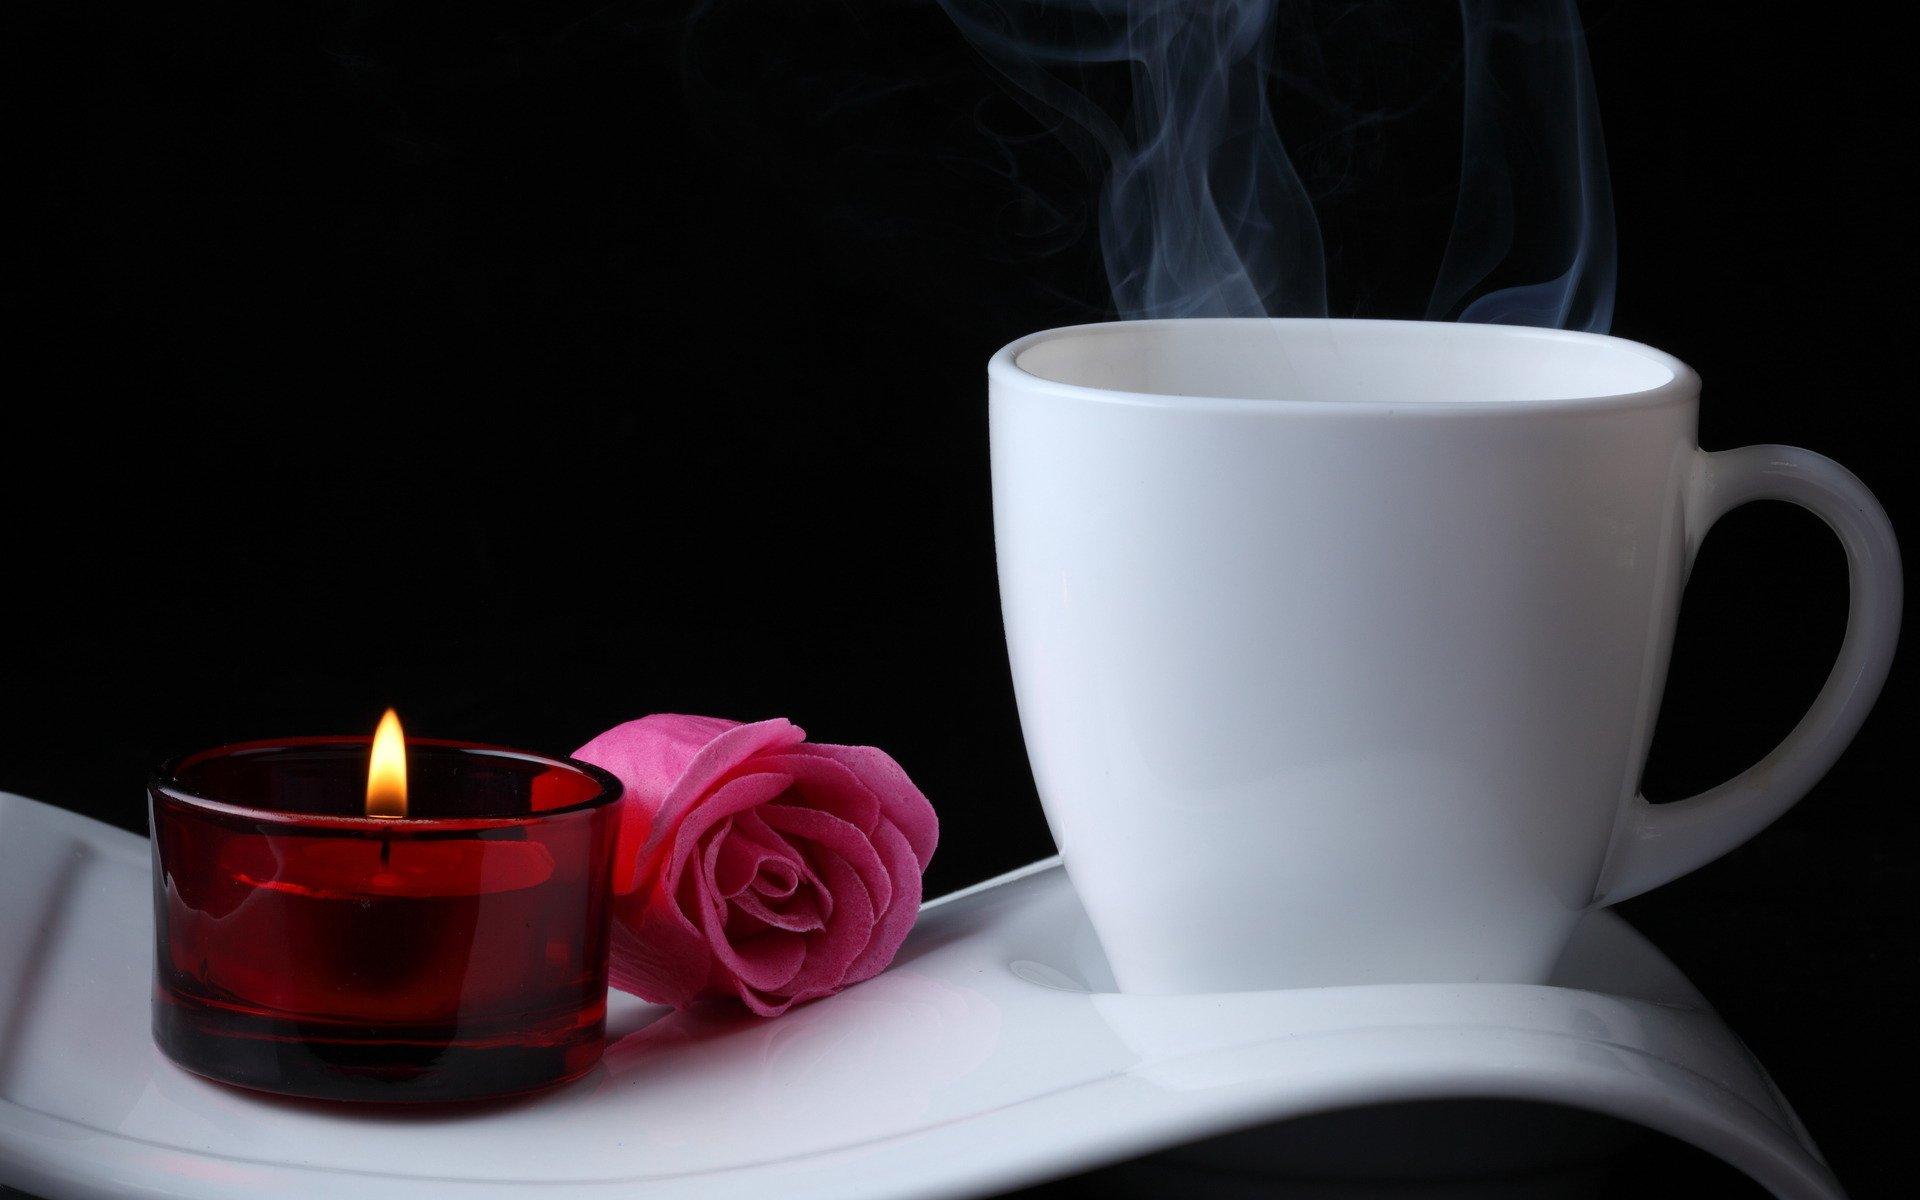 розы, желтые, сервировка, фужеры, свечи без смс